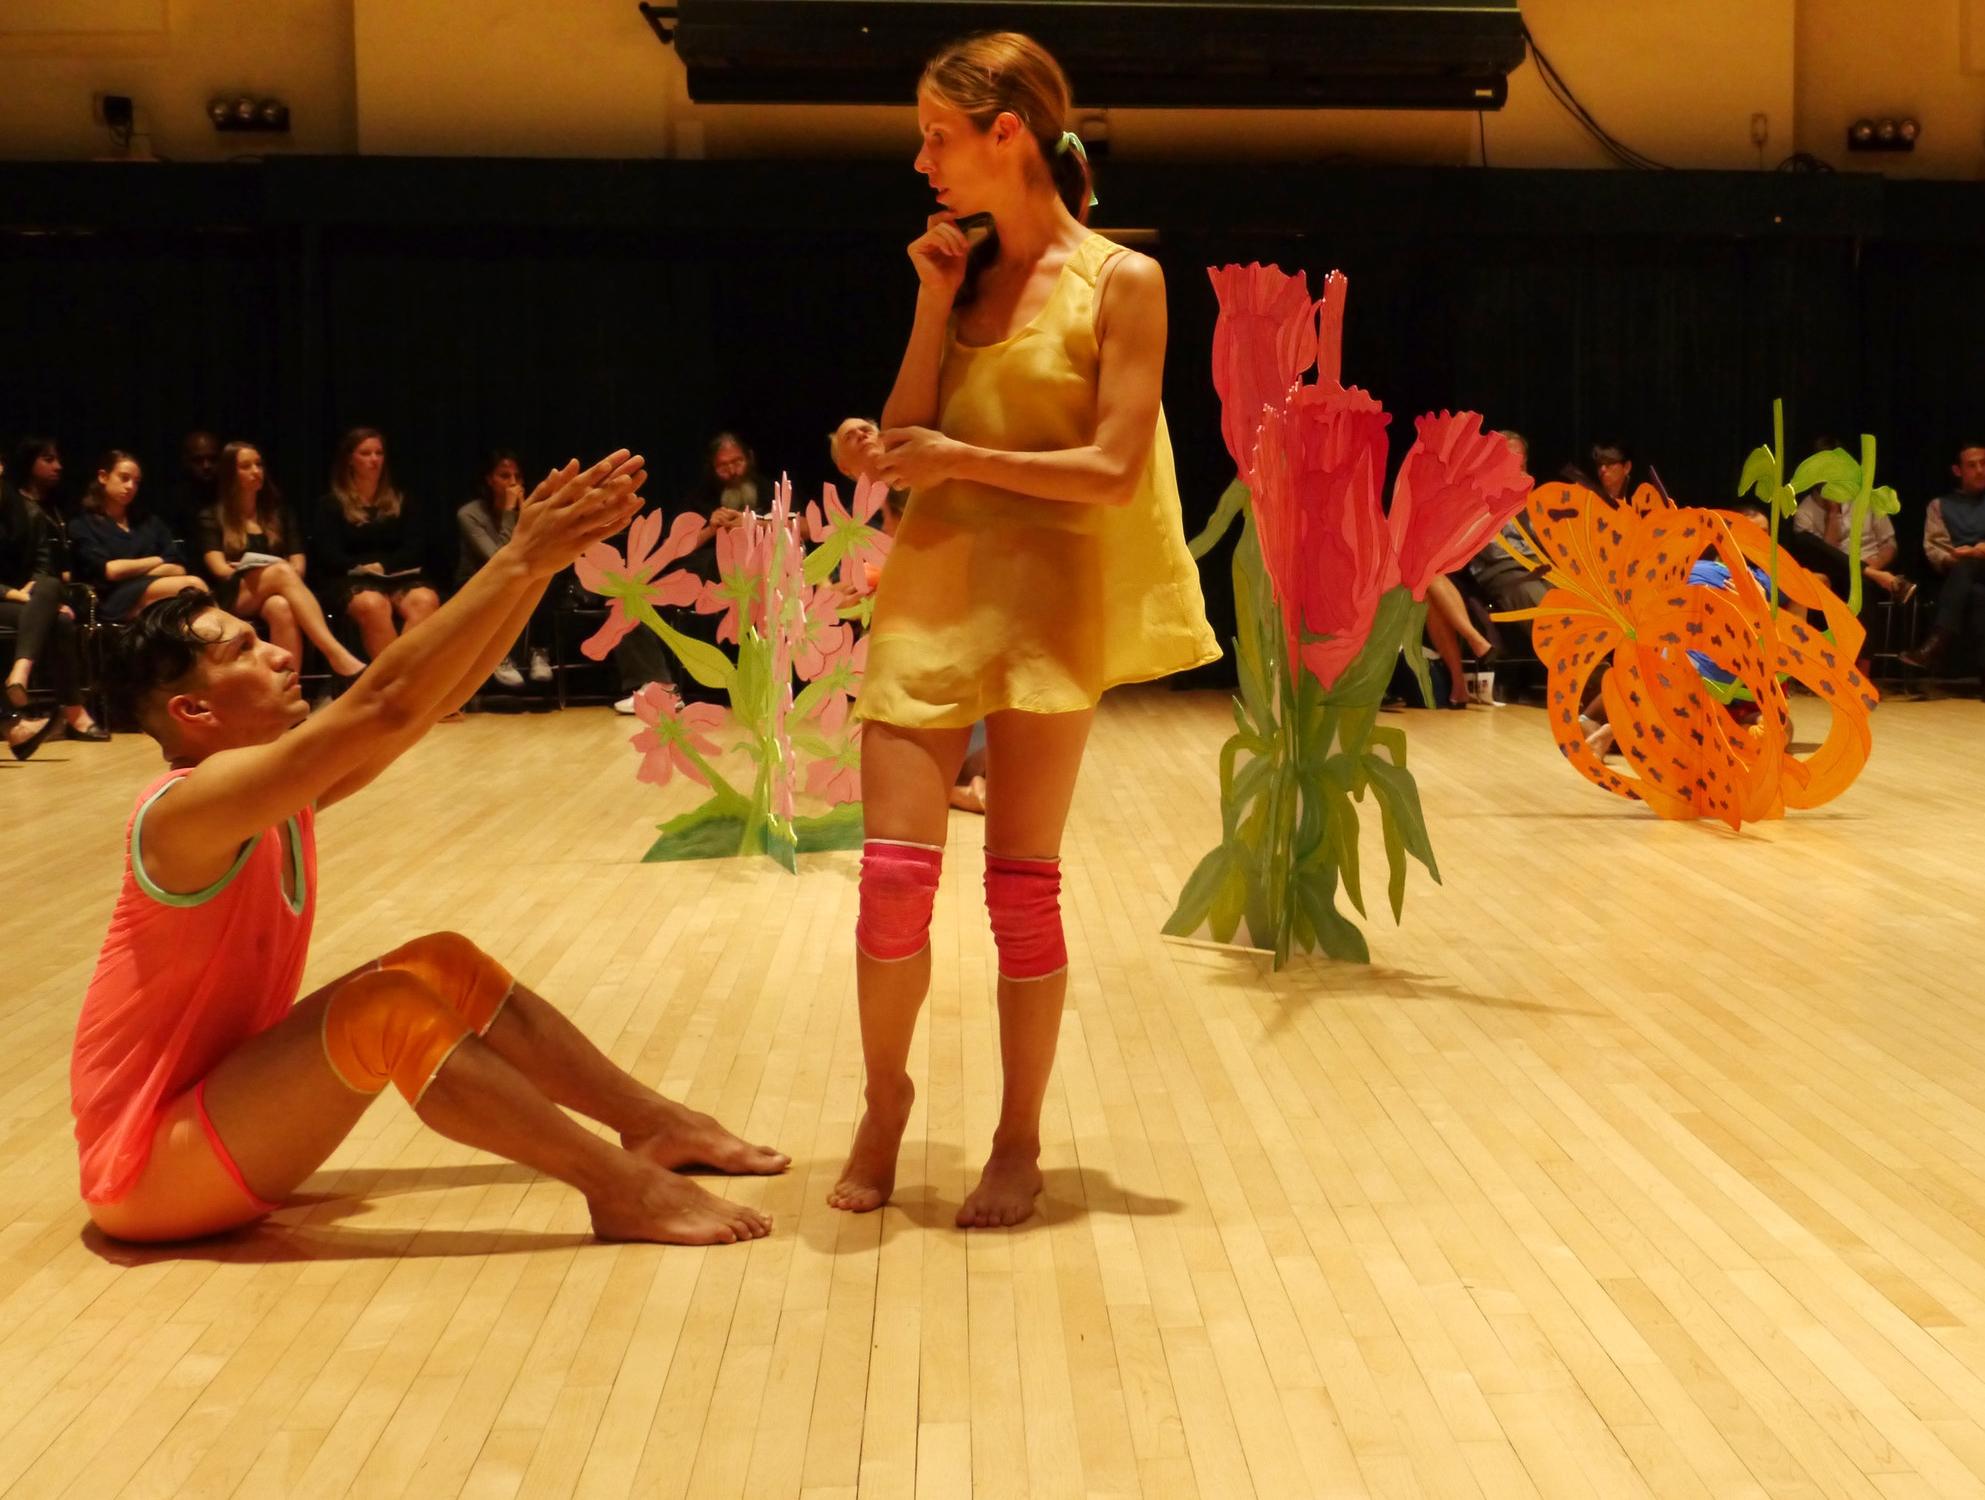 Cassations,  Dancers L to R: Miguel Anaya, Gabriella Hiatt. Photo Jacob Burkhardt, 2012